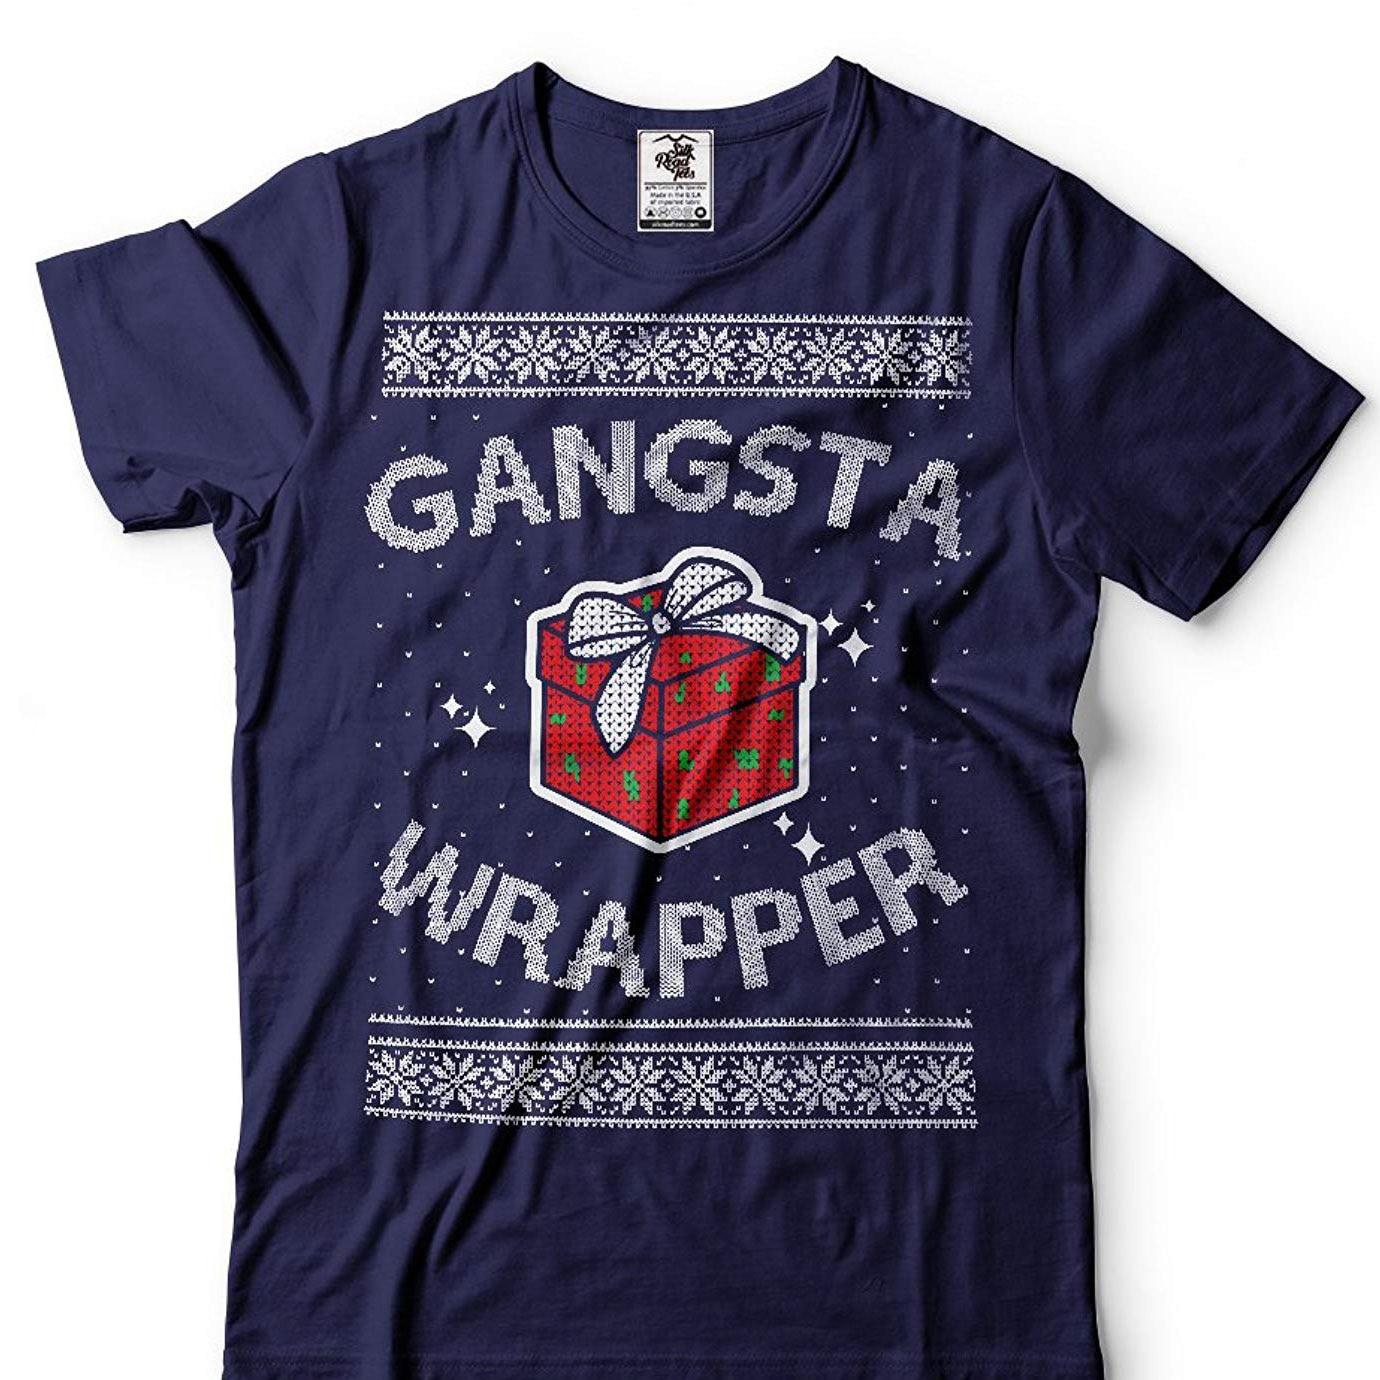 Suéter de Navidad para hombres, camiseta divertida, Venta barata, 100% algodón